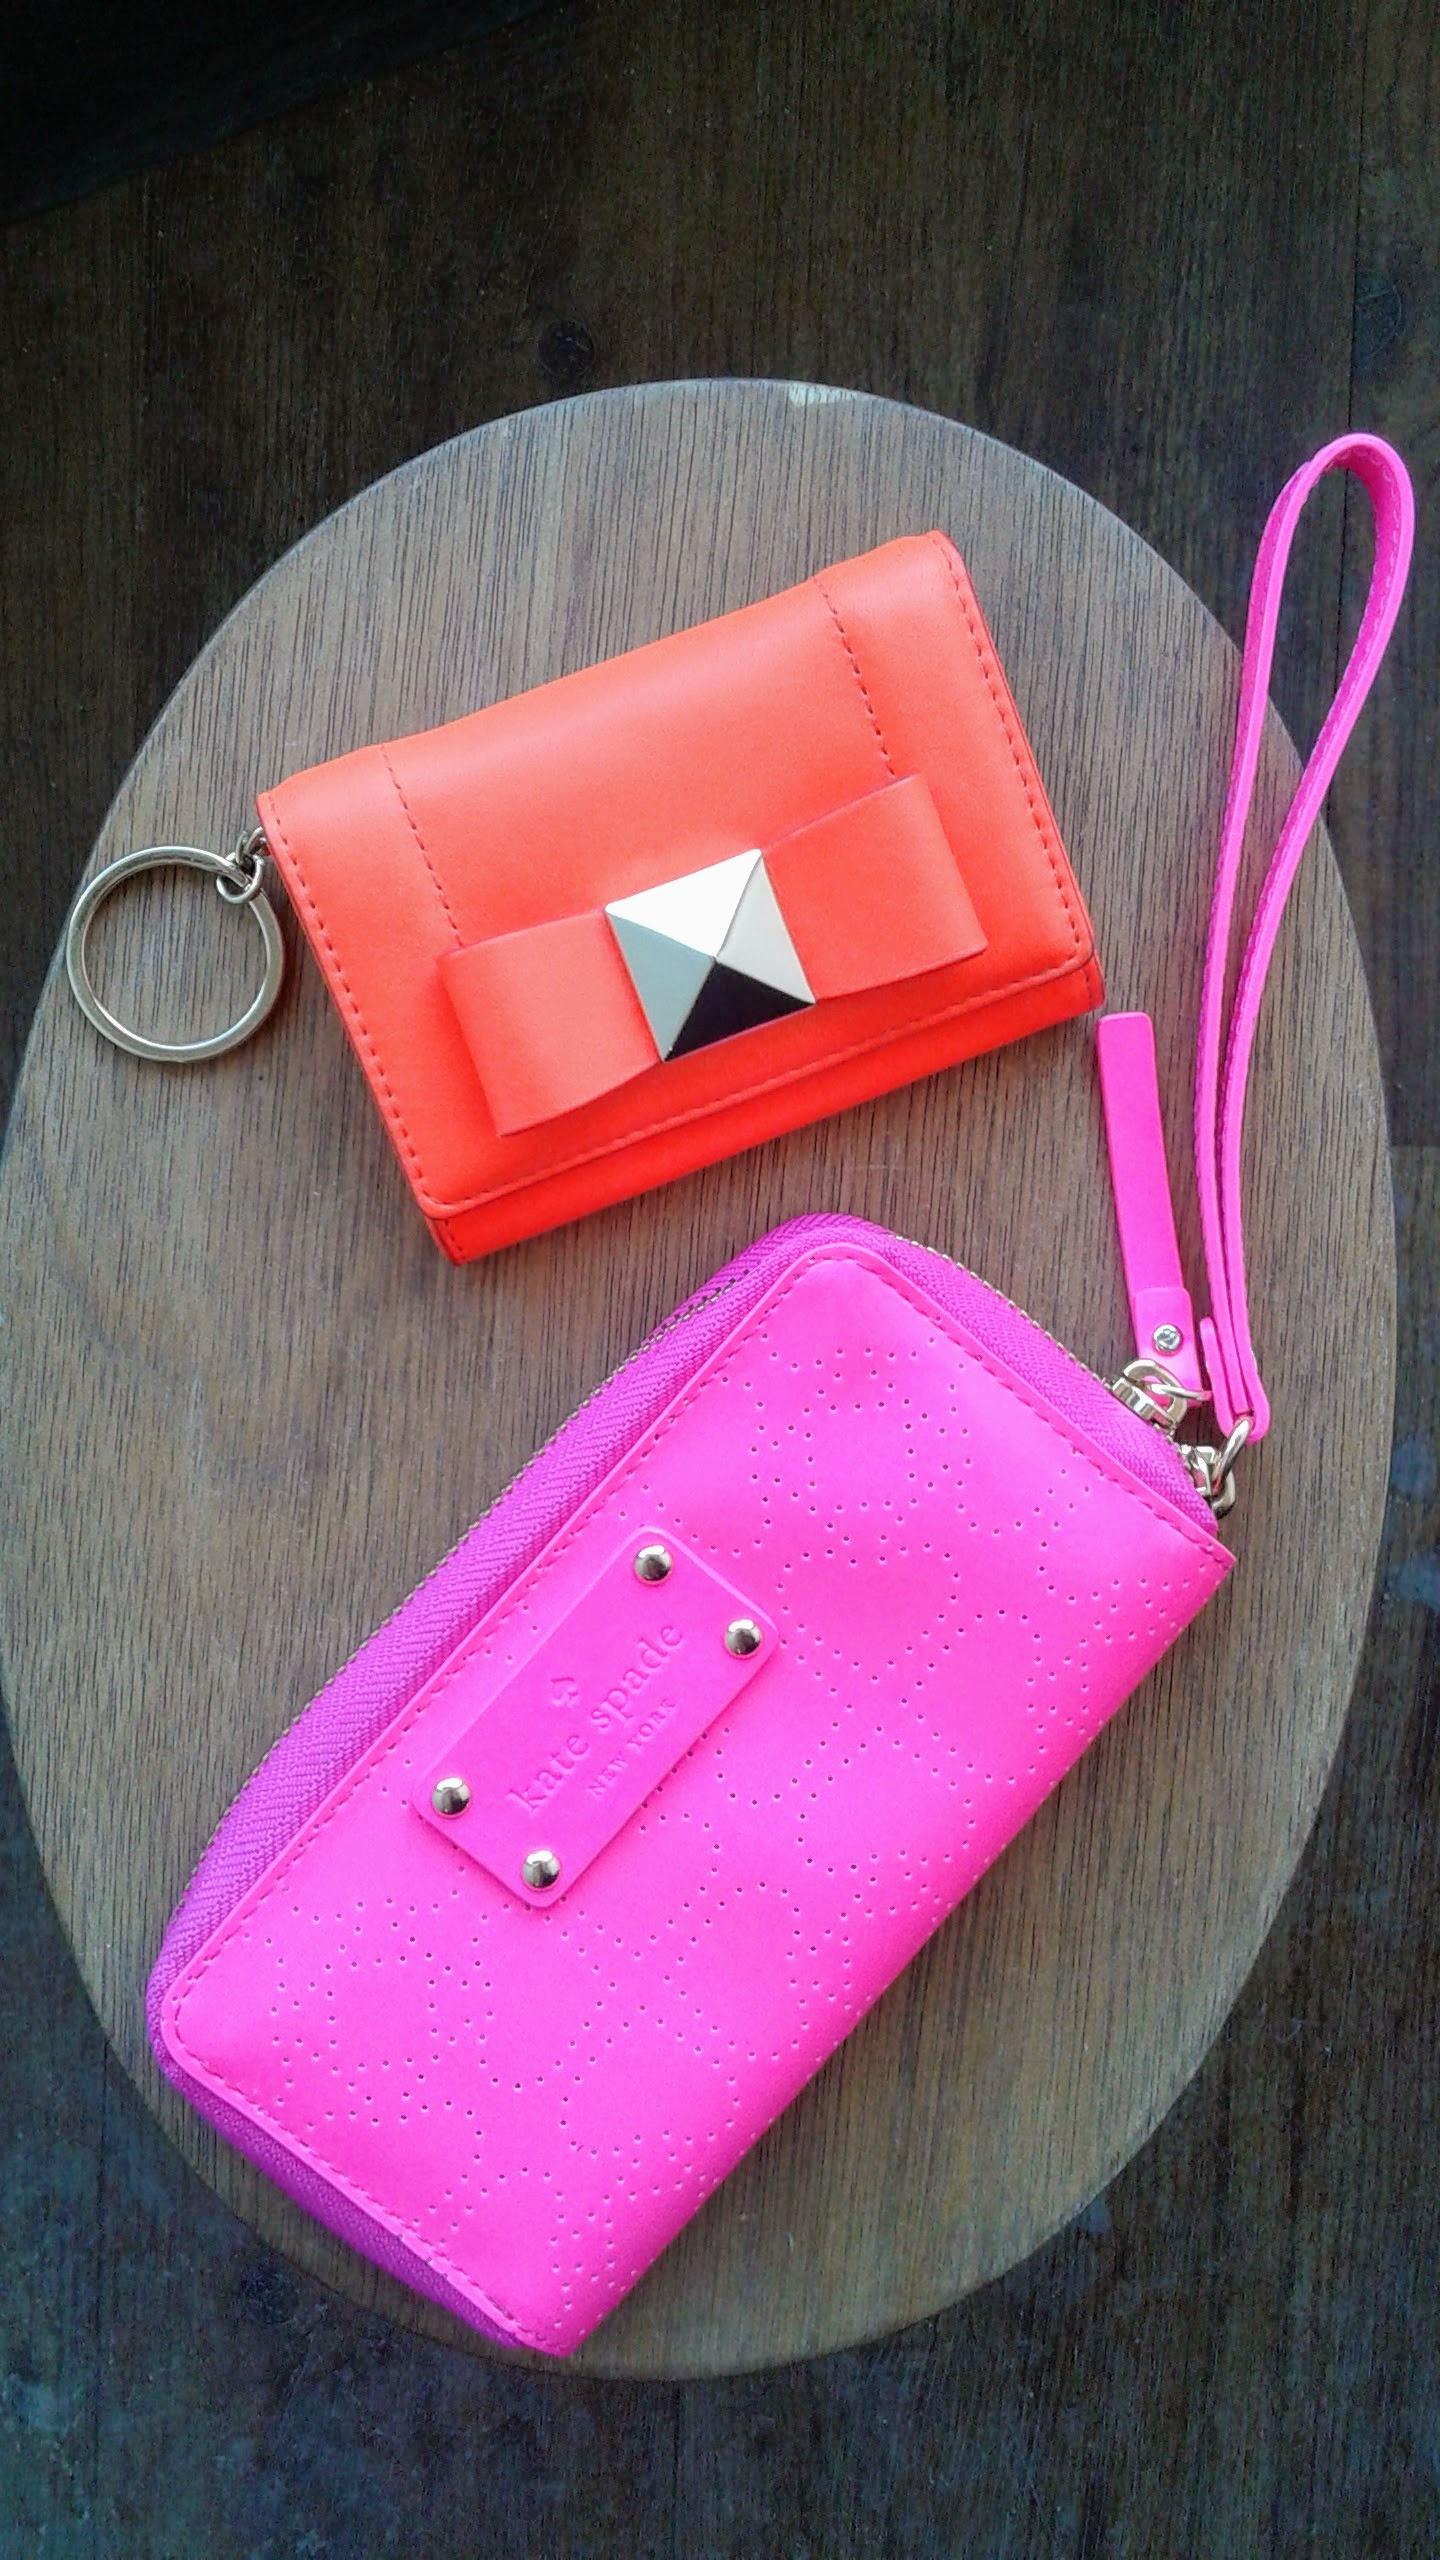 Orange Kate Spade wallet, $43. Pink Kate Spade wristlet, $46